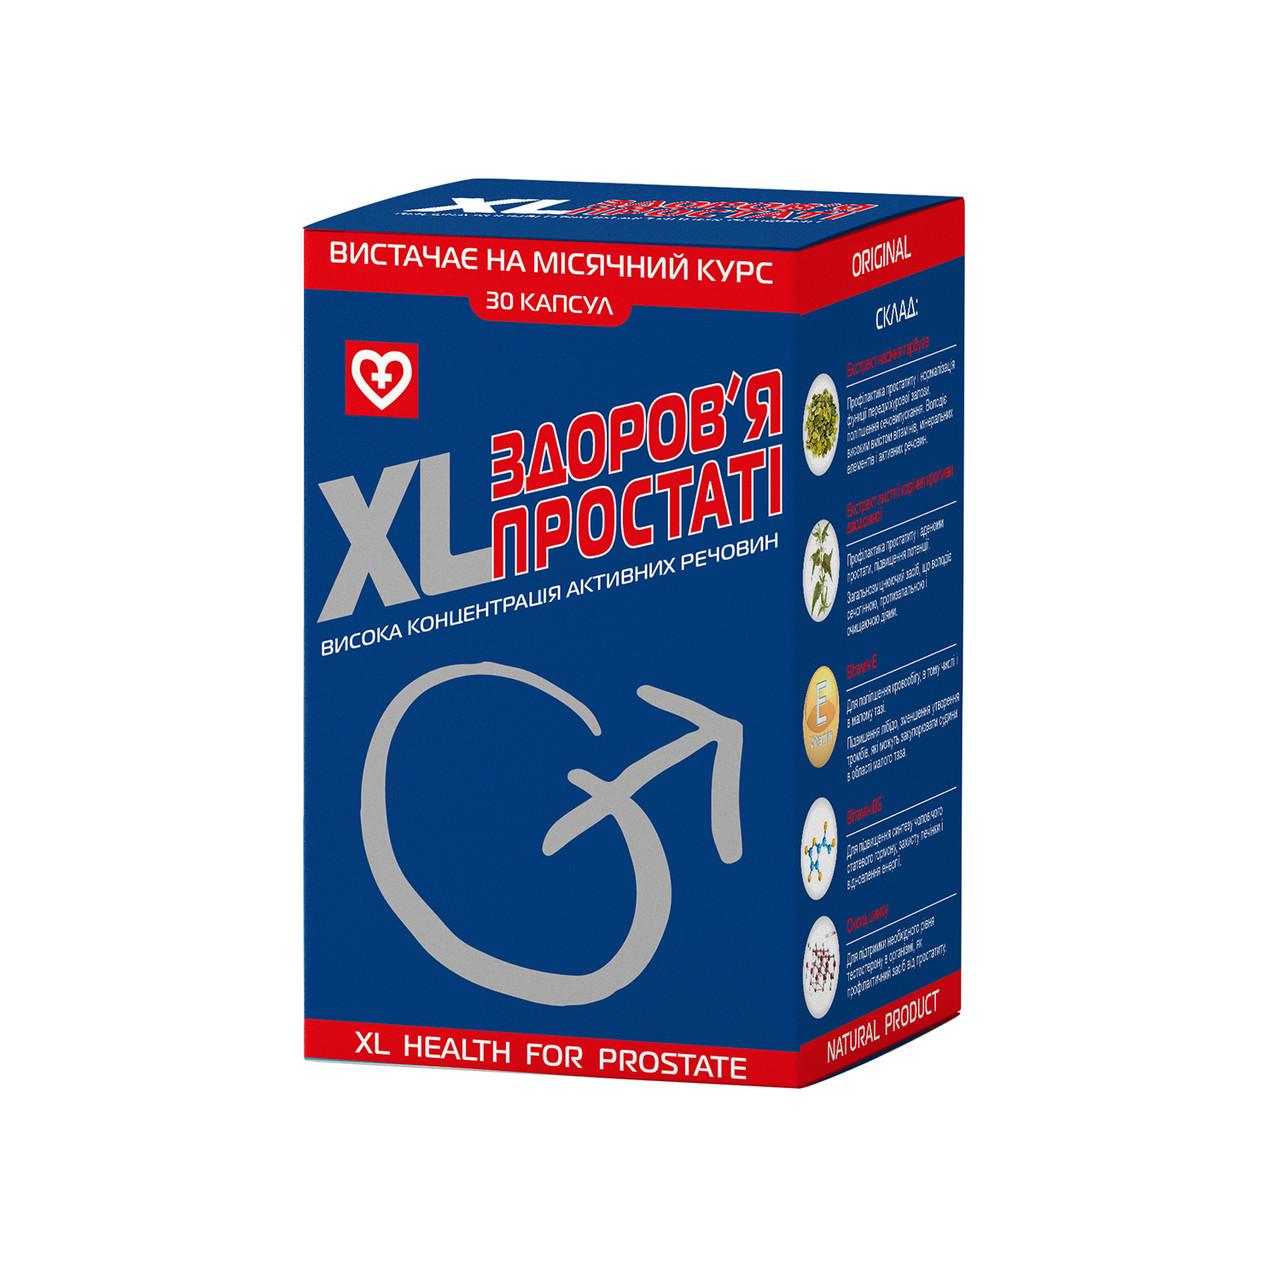 Капсулы XL-ЗДОРОВЬЯ ПРОСТАТЕ №30 - для потенции, эрекции, от простатита